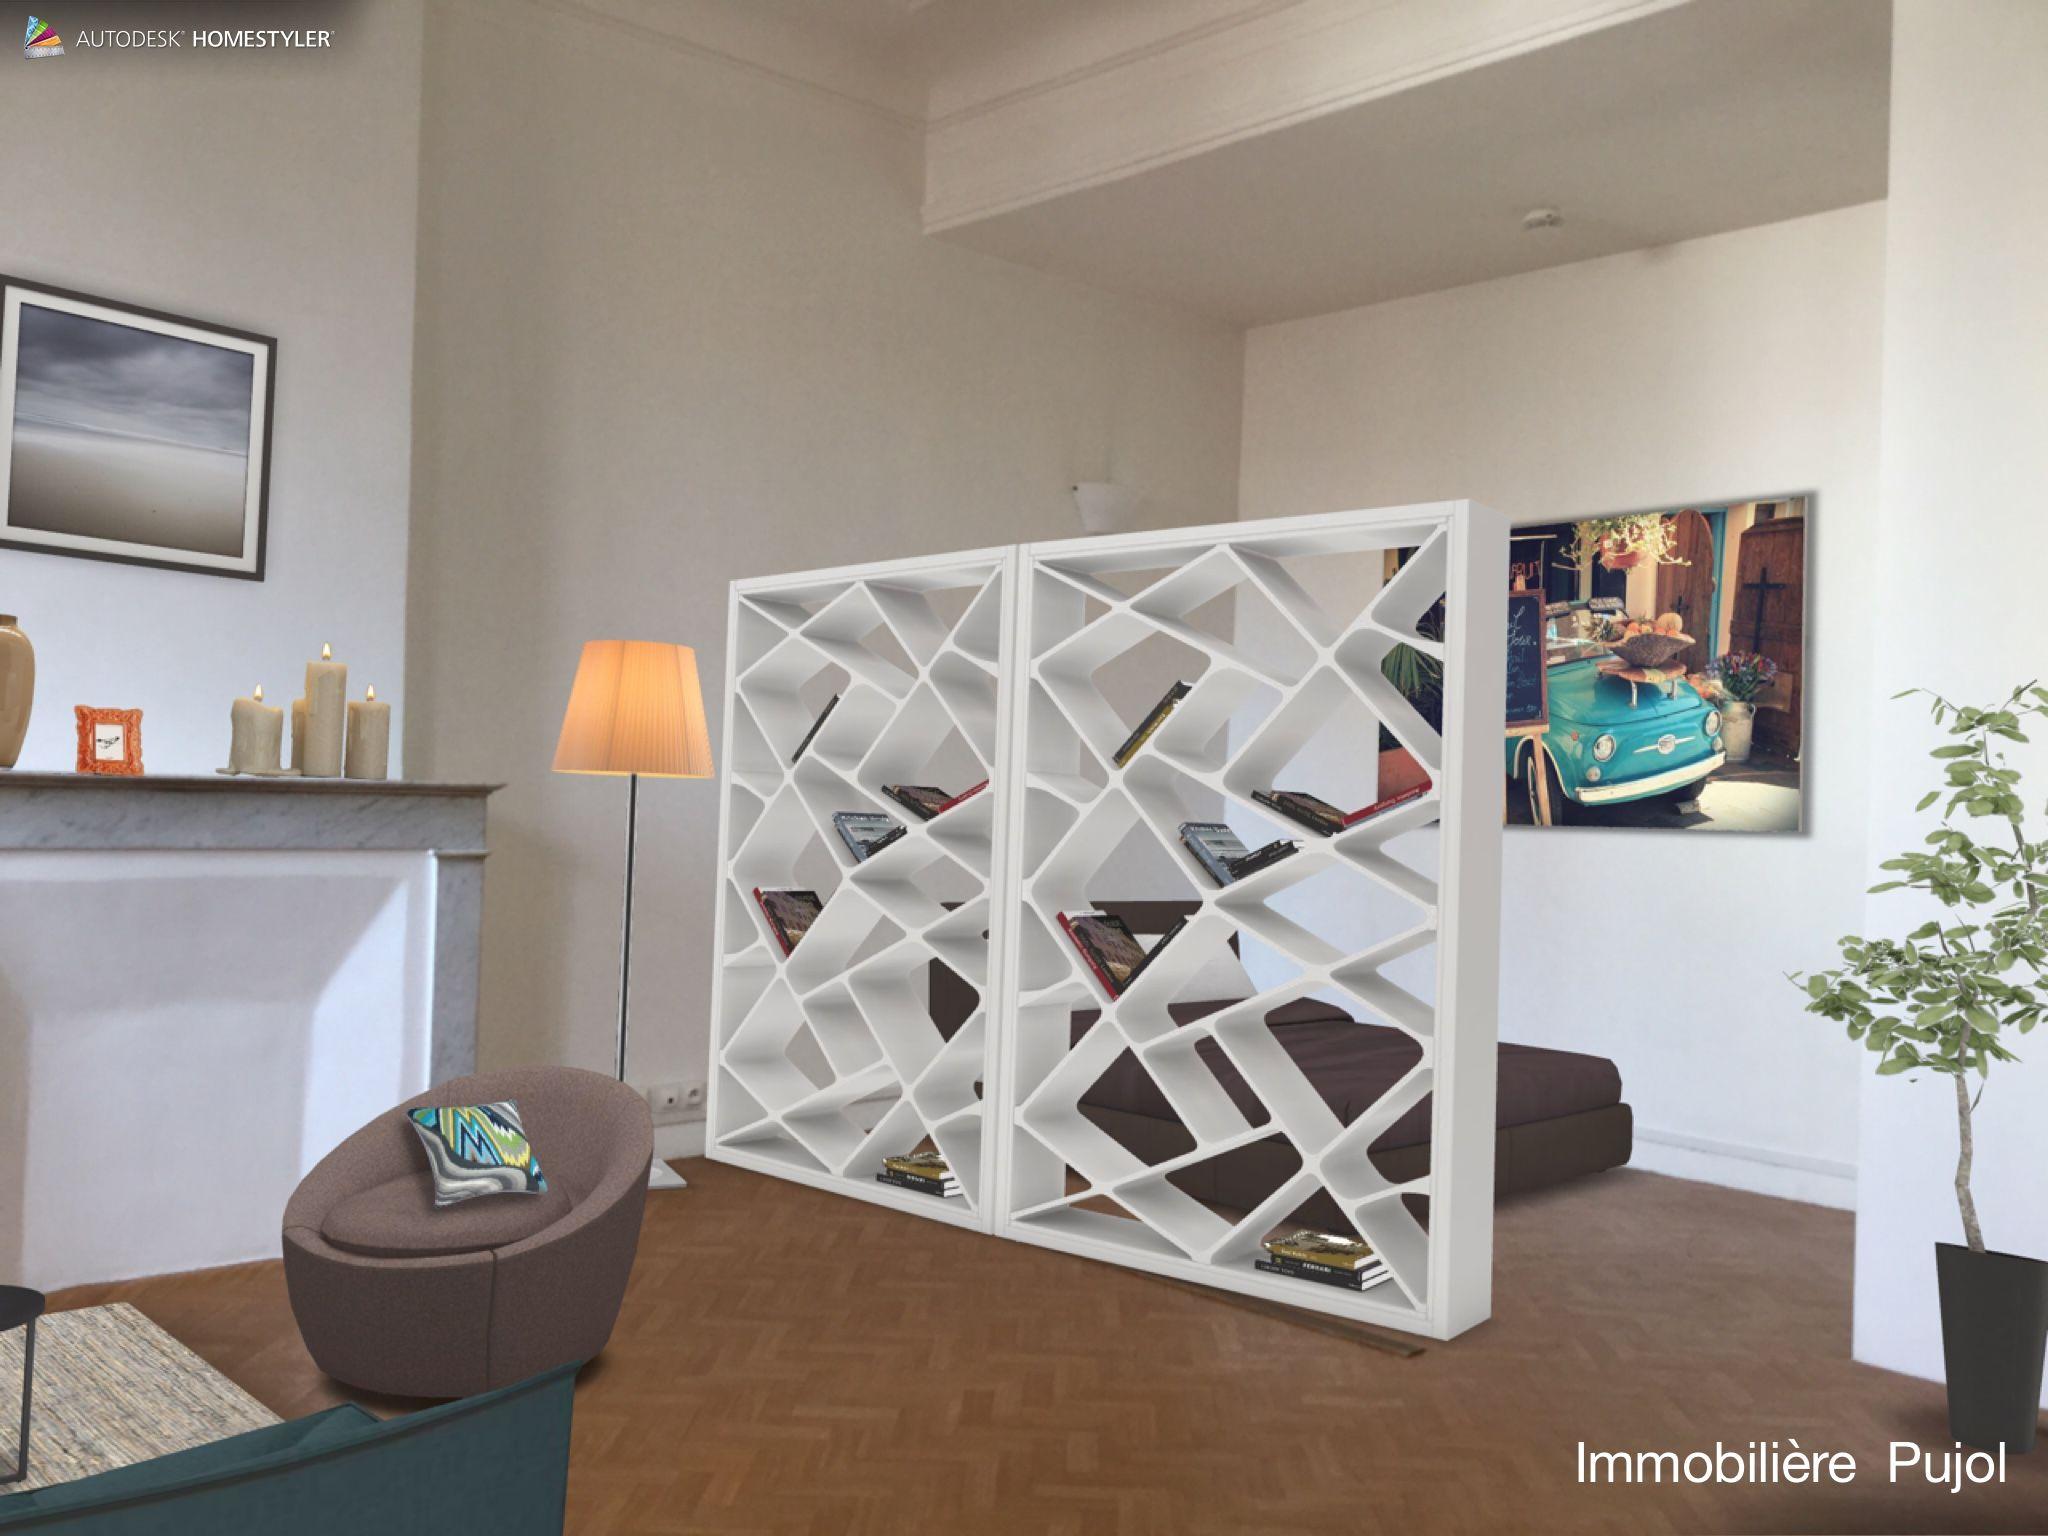 Amazing Idée De Décoration Pour Créer Un Espace Nuit Dans Cet Appartement De Type 1  De 30m2